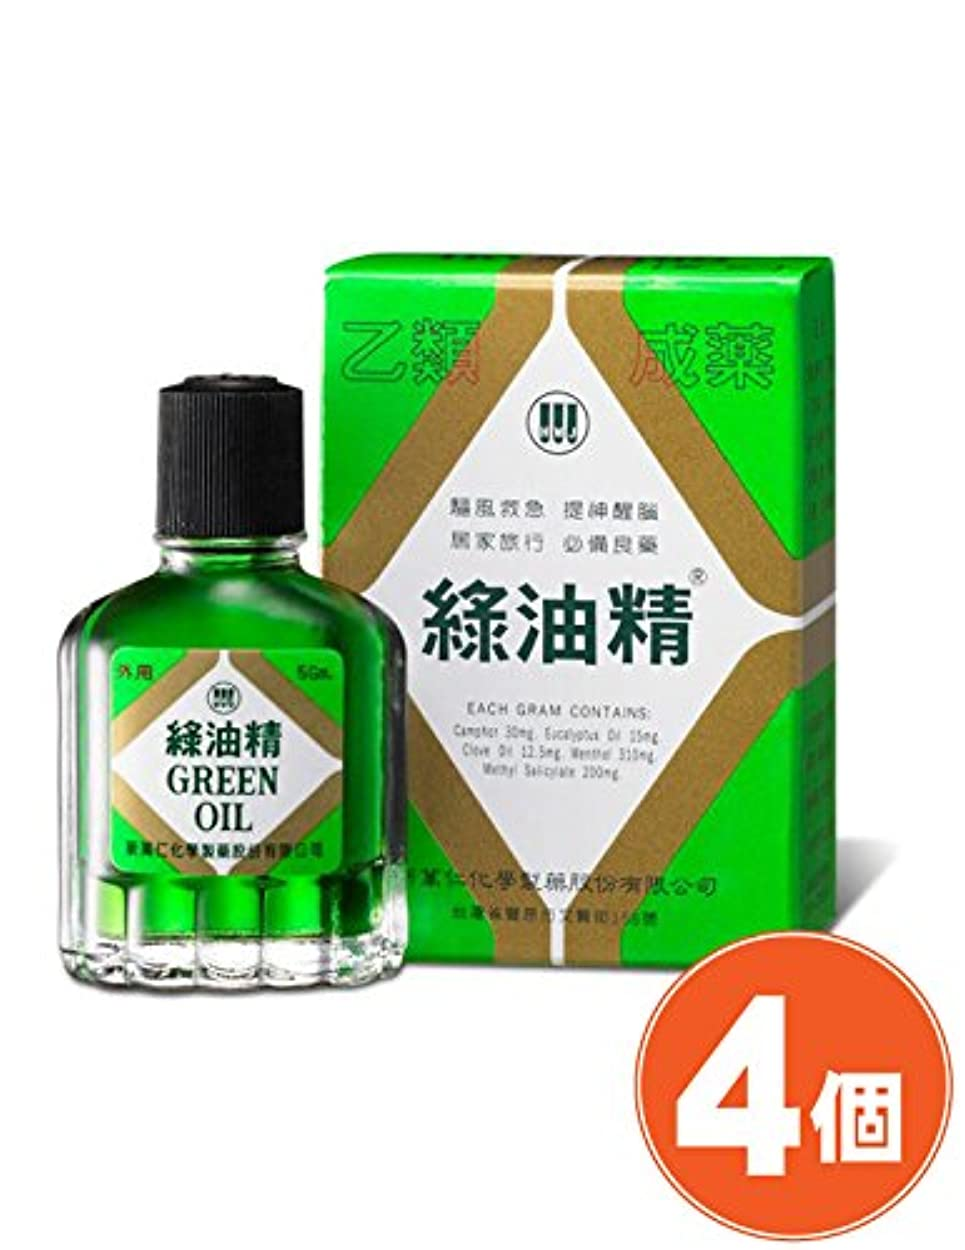 優越かなりのクラシカル《新萬仁》台湾の万能グリーンオイル 緑油精 5g ×4個 《台湾 お土産》 [並行輸入品]